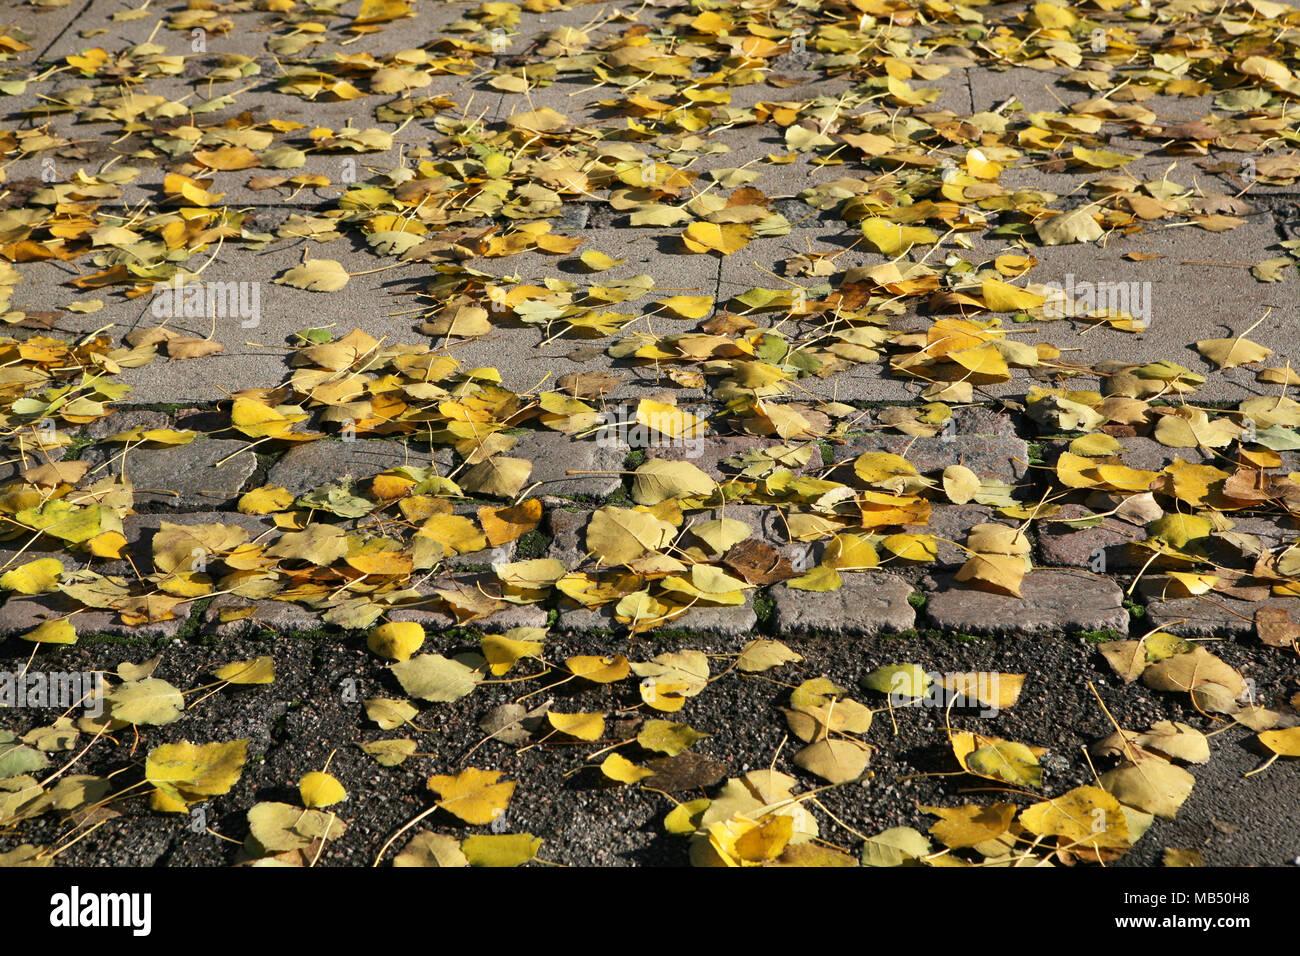 Jaune Brun automne automne feuilles sur le trottoir Photo Stock